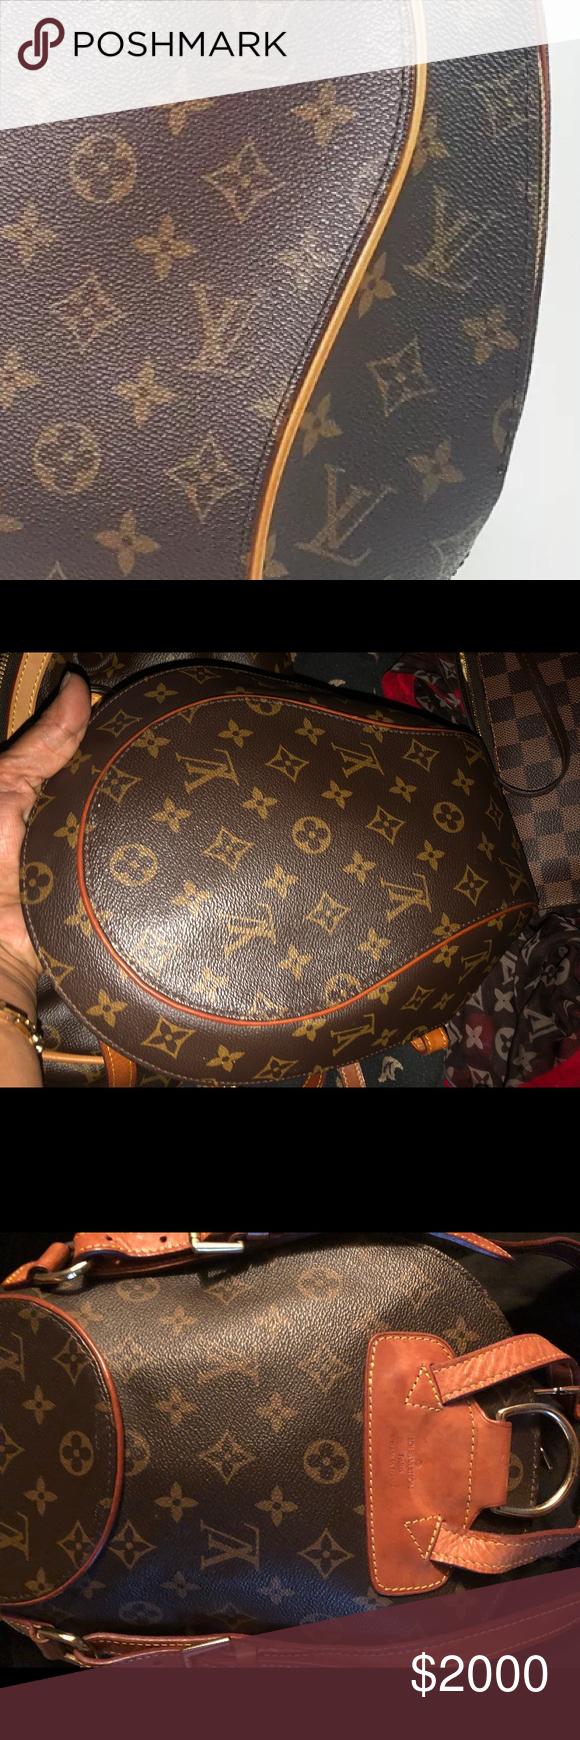 65e8c947f853 Louis Vuitton back pack eclipse bag limited Louis Vuitton back pack was  only owned by me